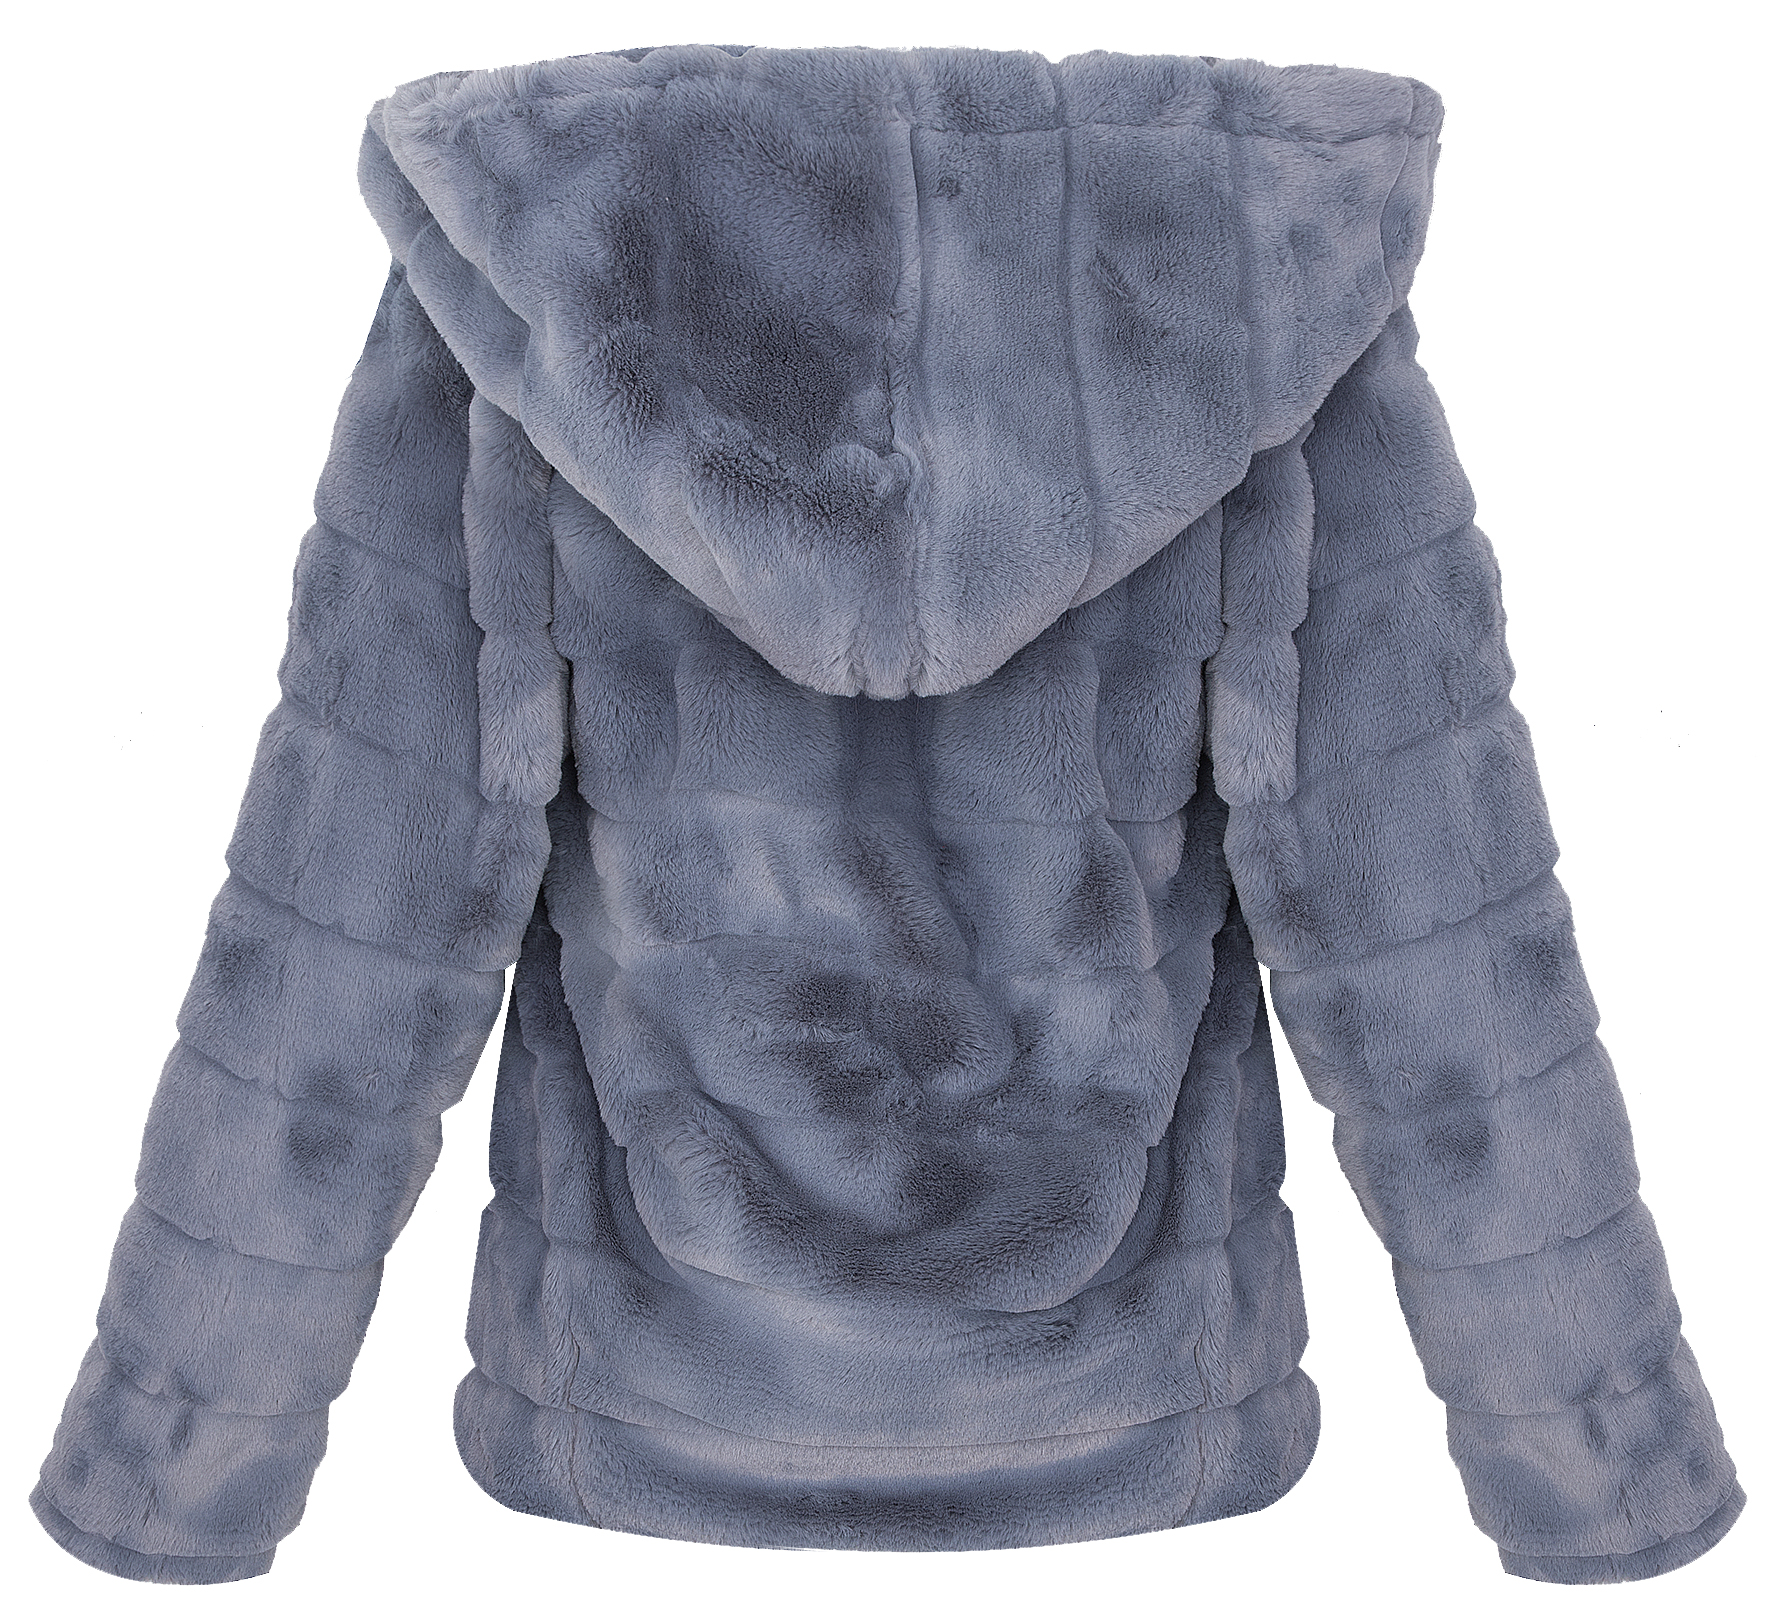 damen teddyfell jacke kuschelige fleecejacke winterjacke mit kapuze d 384 s l ebay. Black Bedroom Furniture Sets. Home Design Ideas